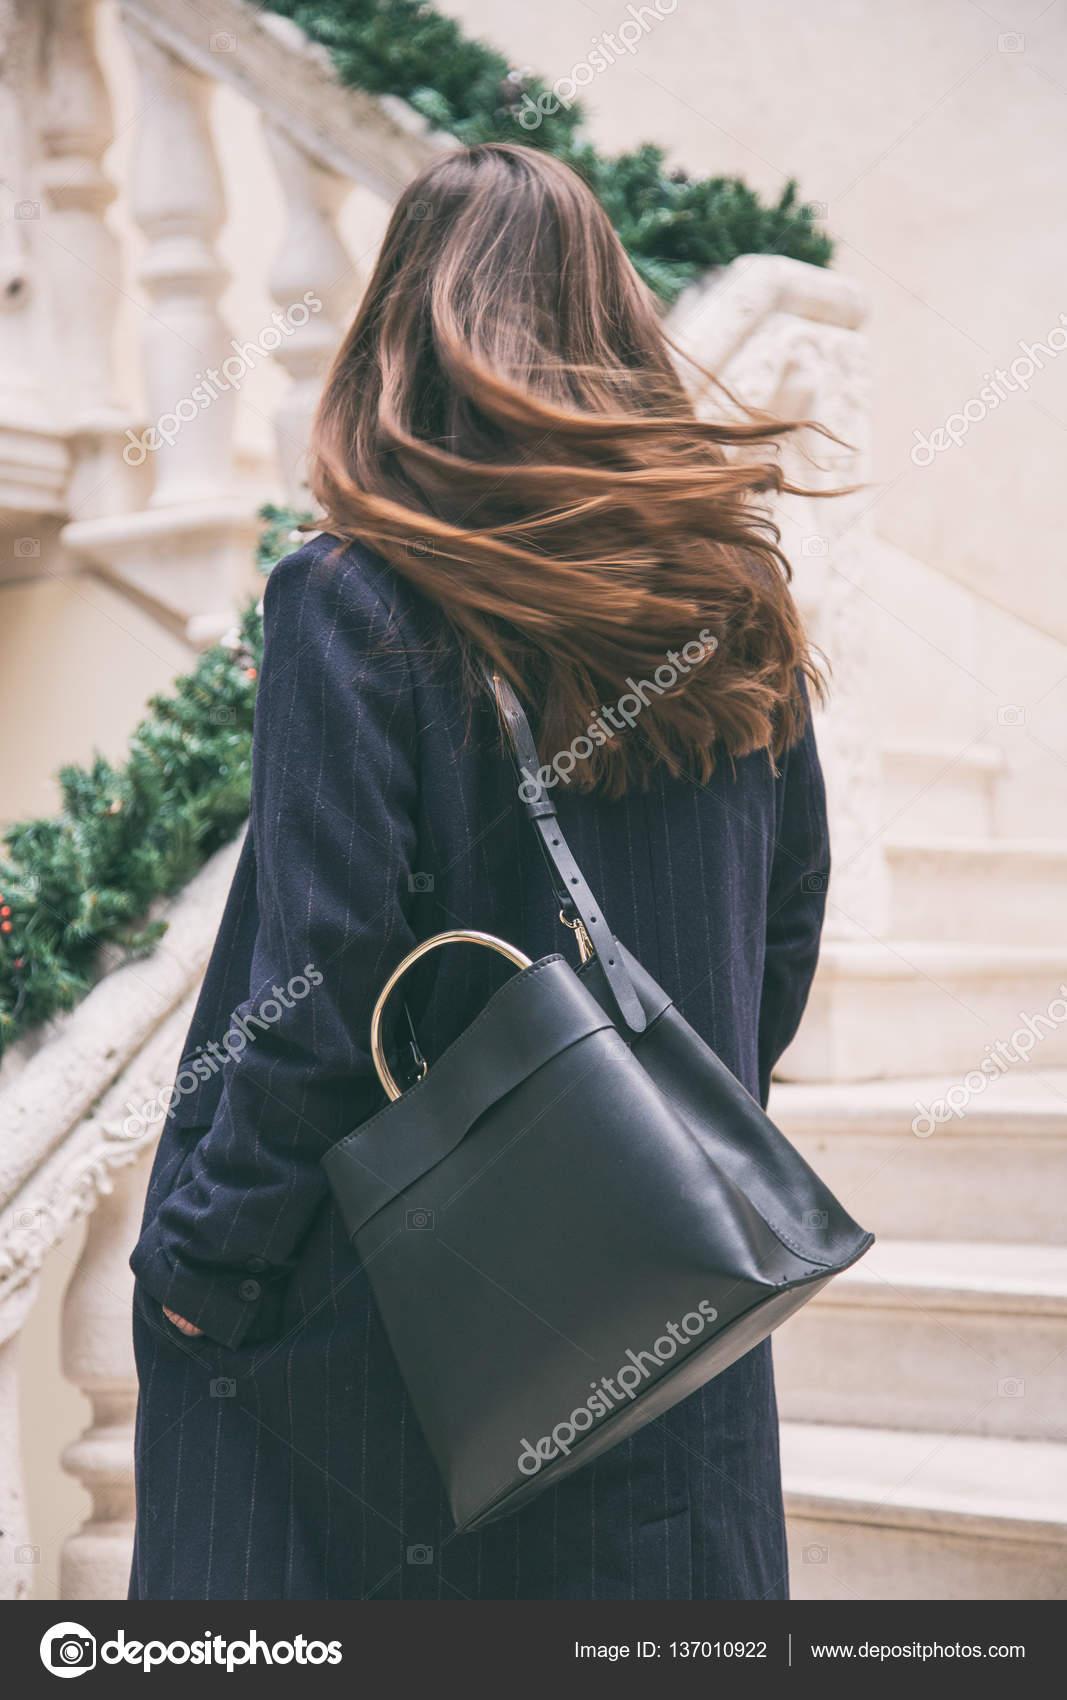 163c1709c Detalhes de roupa moda blogger. mulher elegante vestindo um casaco  oversized nay azul e uma